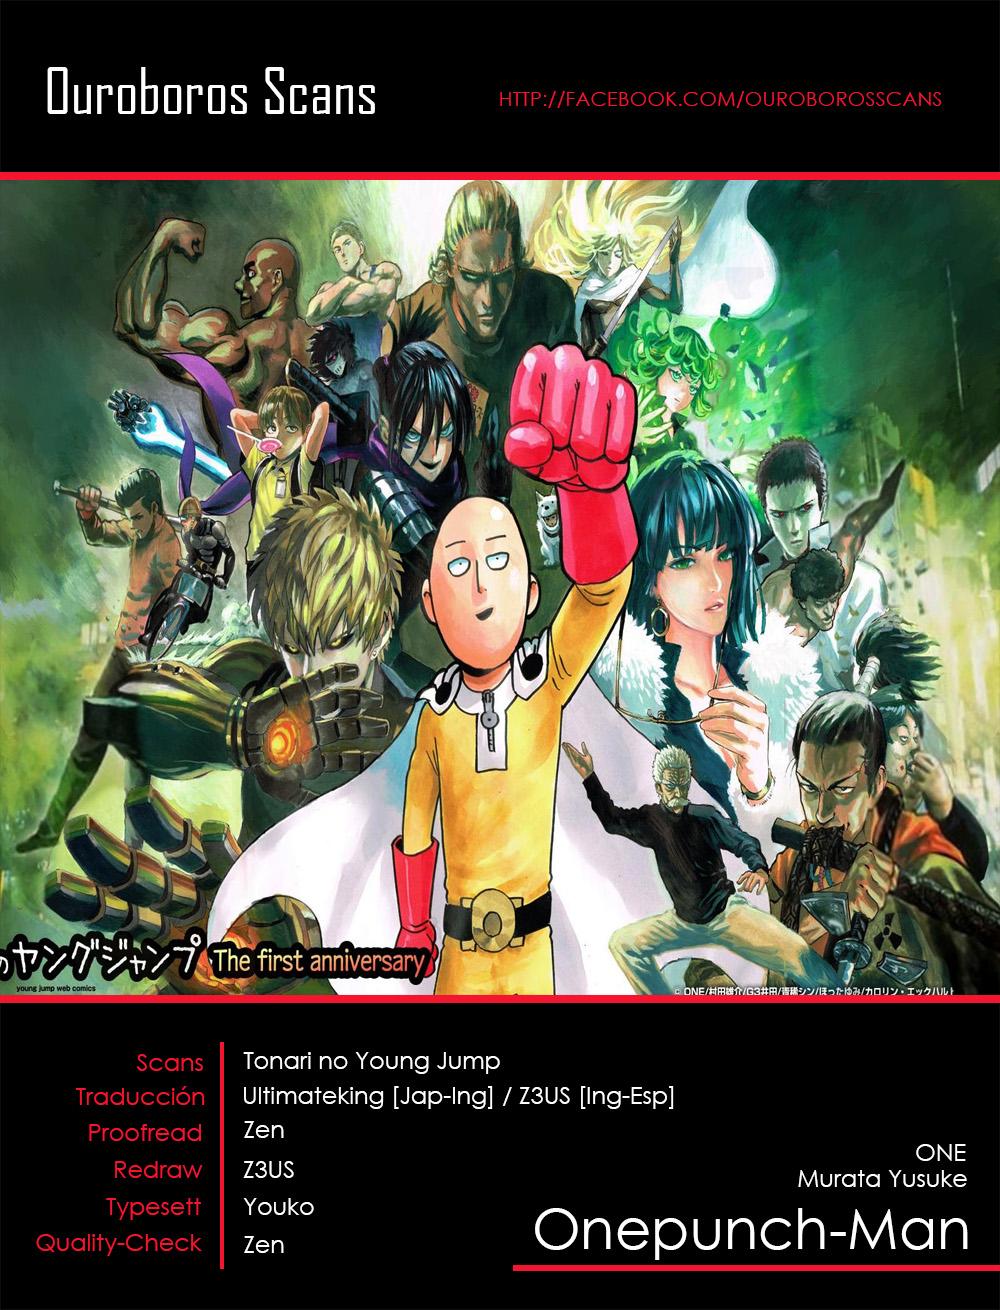 http://c5.ninemanga.com/es_manga/21/14805/415436/90fa66e108be8d979422d063c3234ebf.jpg Page 1